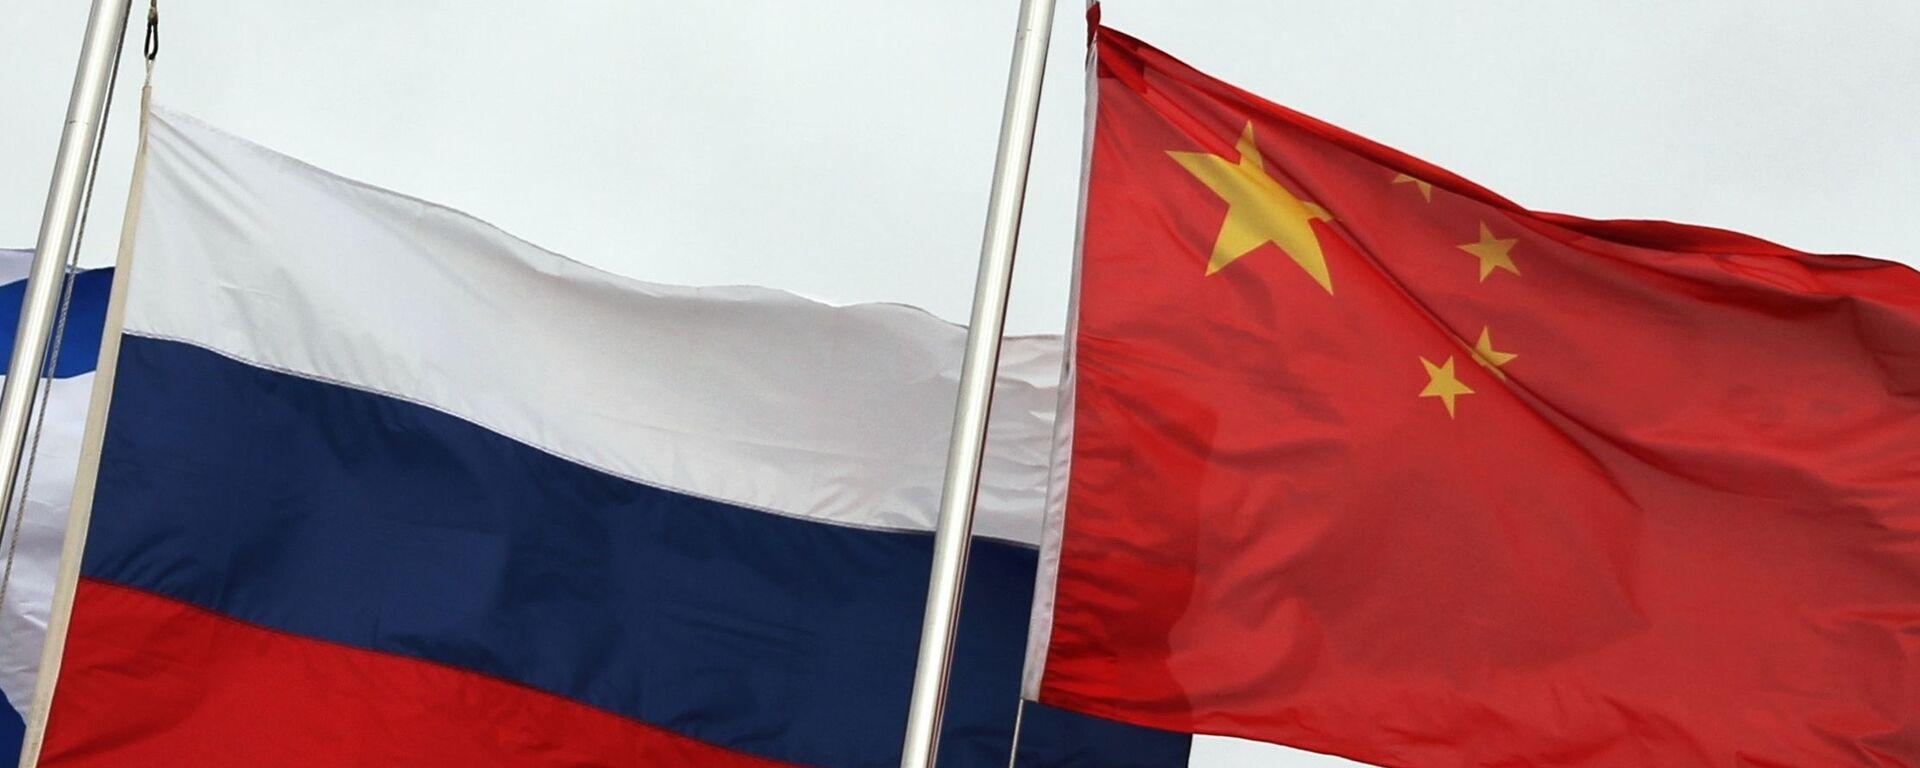 Государственные флаги России (слева) и Китая во время церемонии открытия Армейских международных игр-2021 (АрМИ-2021) во Владивостоке. - Sputnik Абхазия, 1920, 28.03.2021